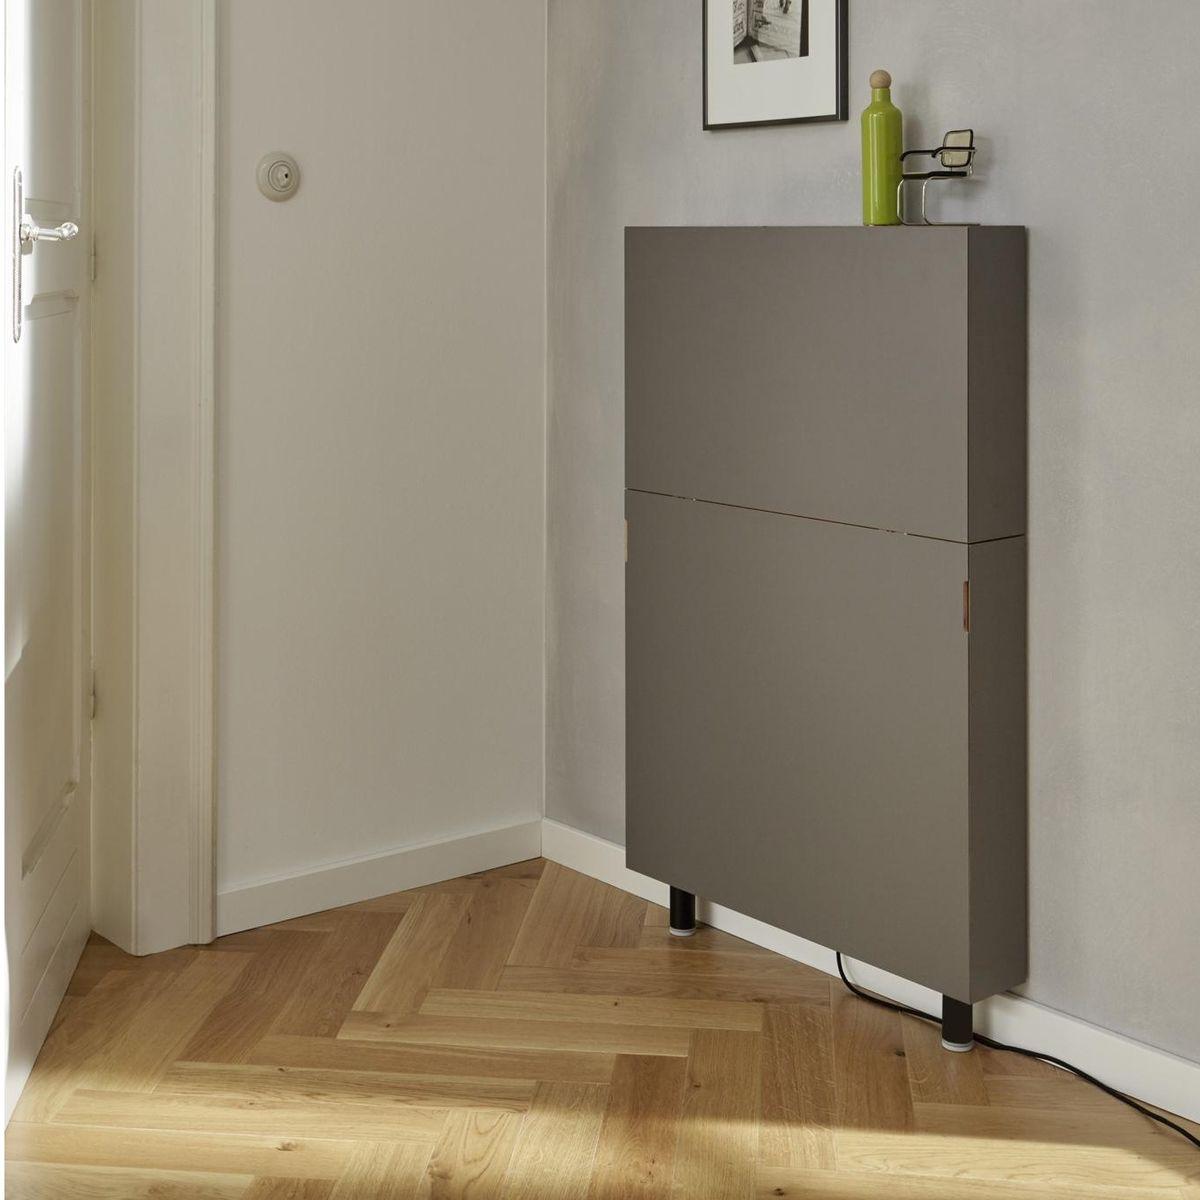 flatmate wandsekret r m ller m belwerkst tten. Black Bedroom Furniture Sets. Home Design Ideas